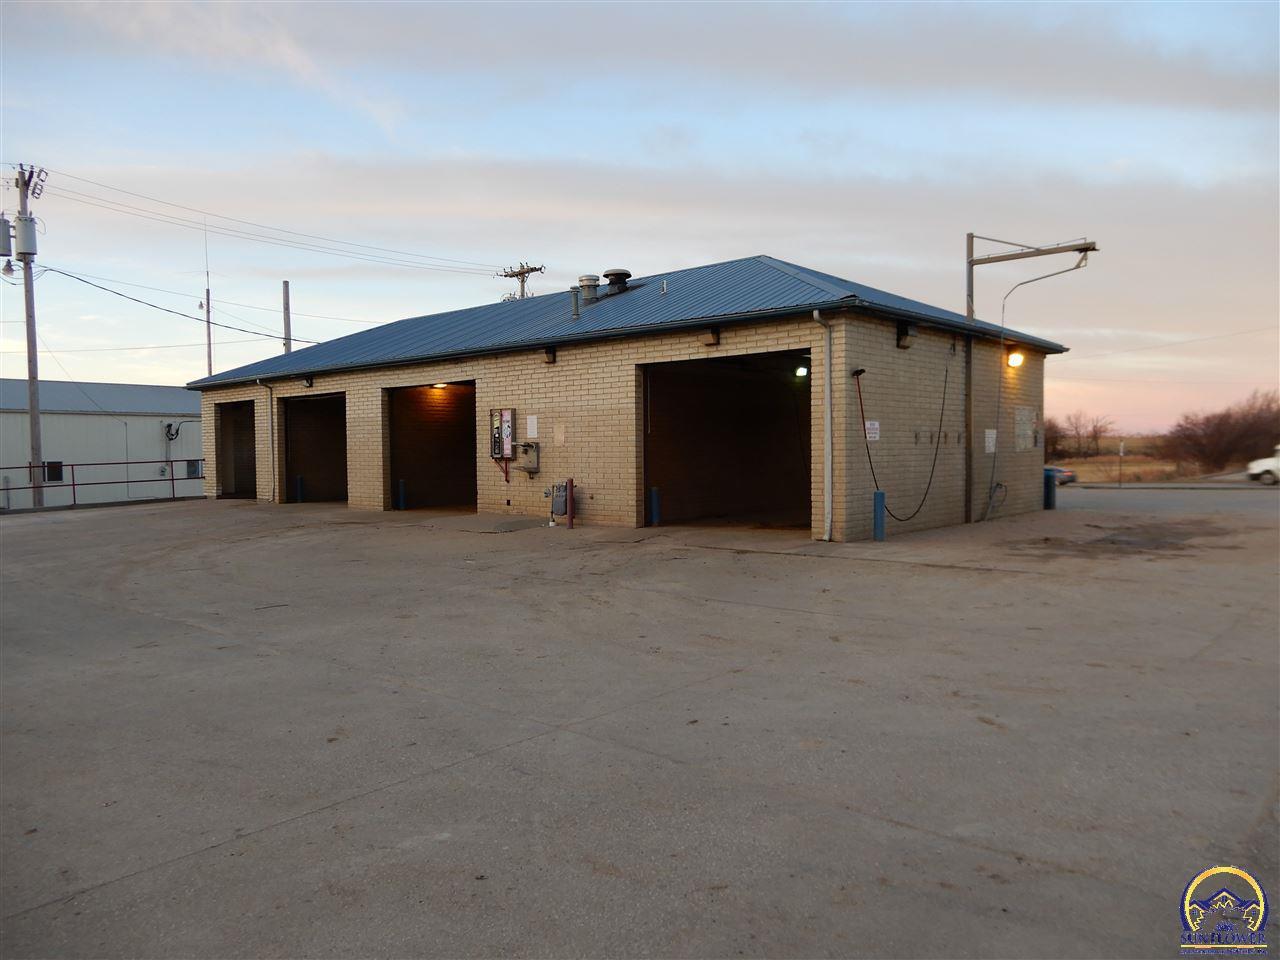 104 Arizona, Holton, KS 66436